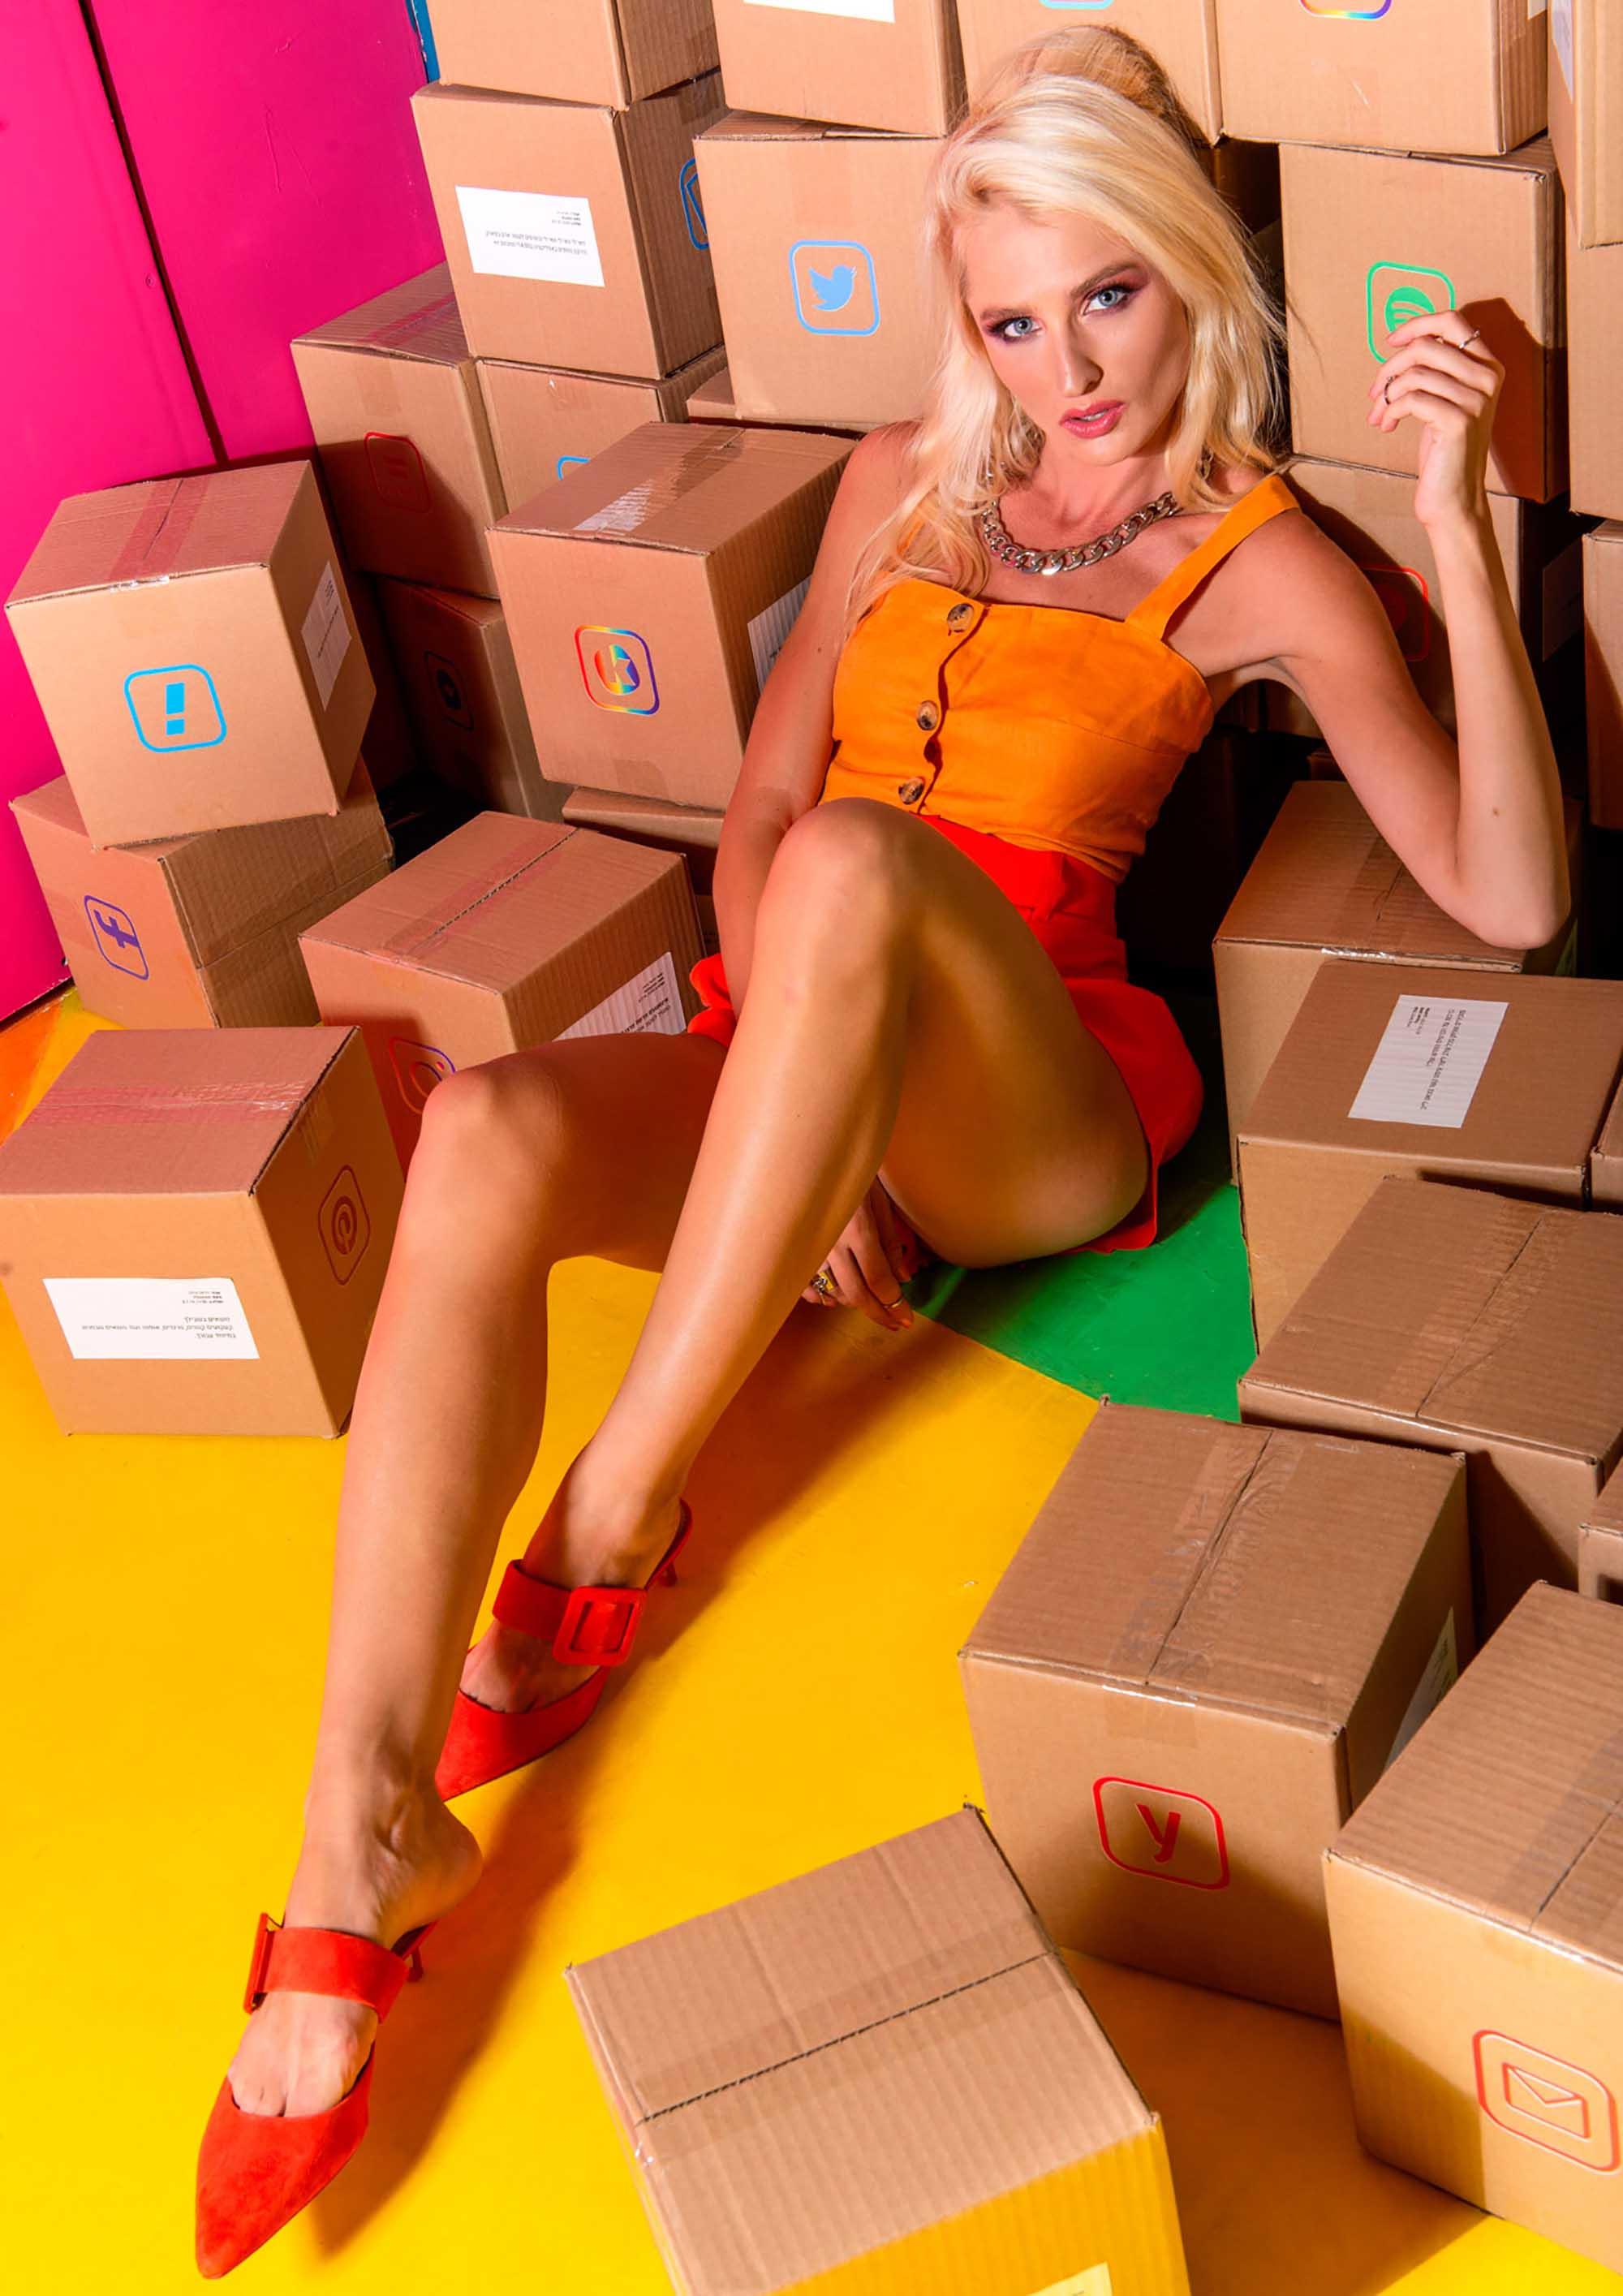 צלם דניס גרצקיס, סטיילינג דניאל צרויה, איפור נינה בלקניה, דוגמנית עינת רוכמן, גופייה: ברשקה, מכנס: זארה, נעליים: זארה, שרשרת: אוסף פרטי